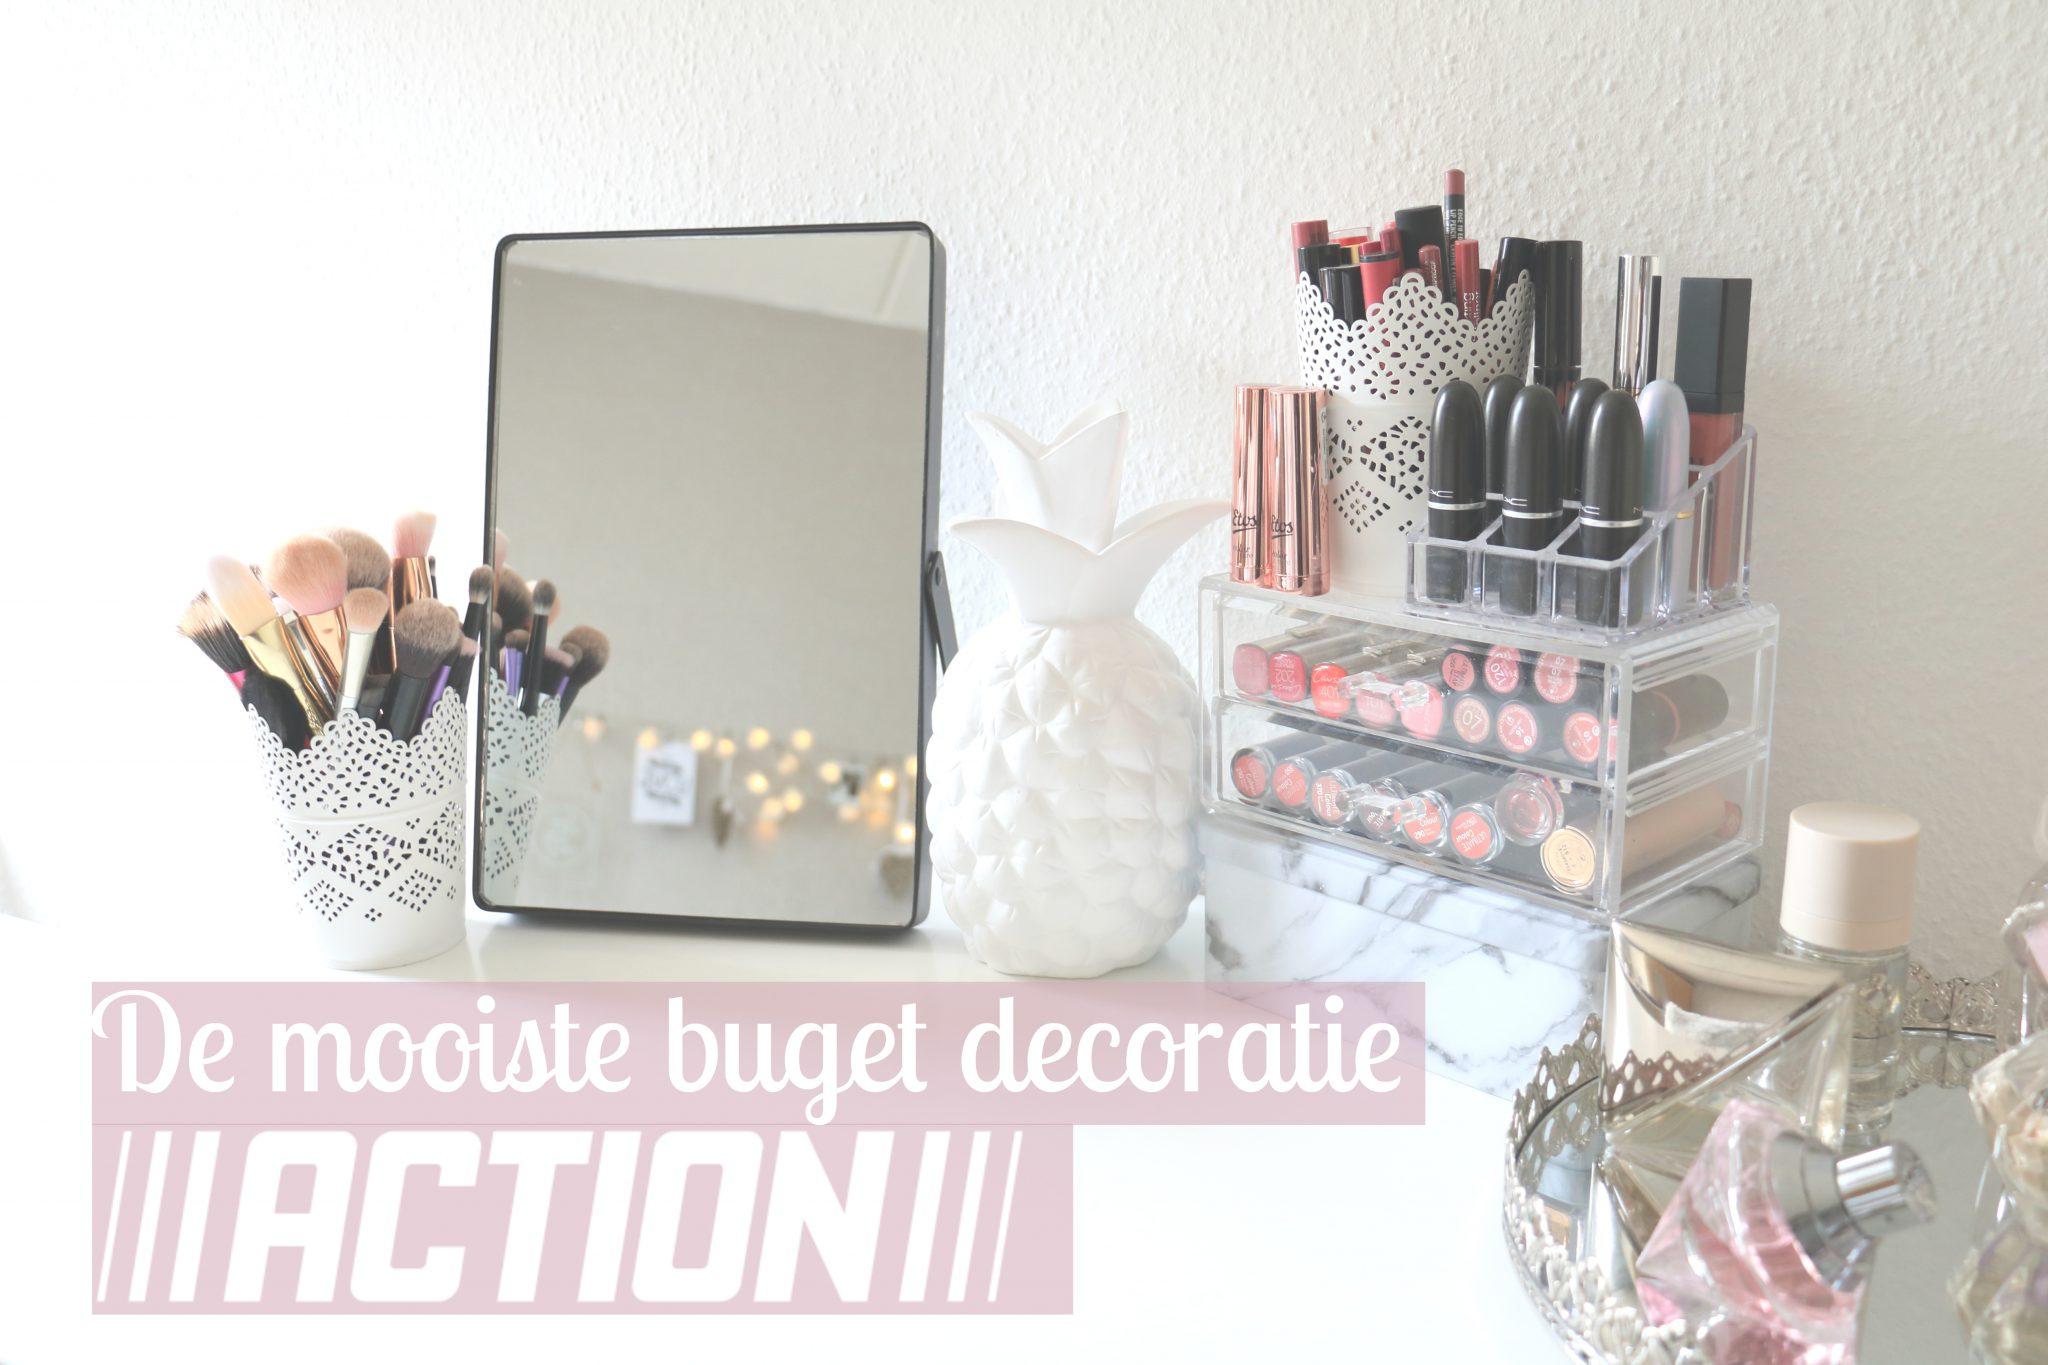 De mooiste budget decoratie action dailydaphne